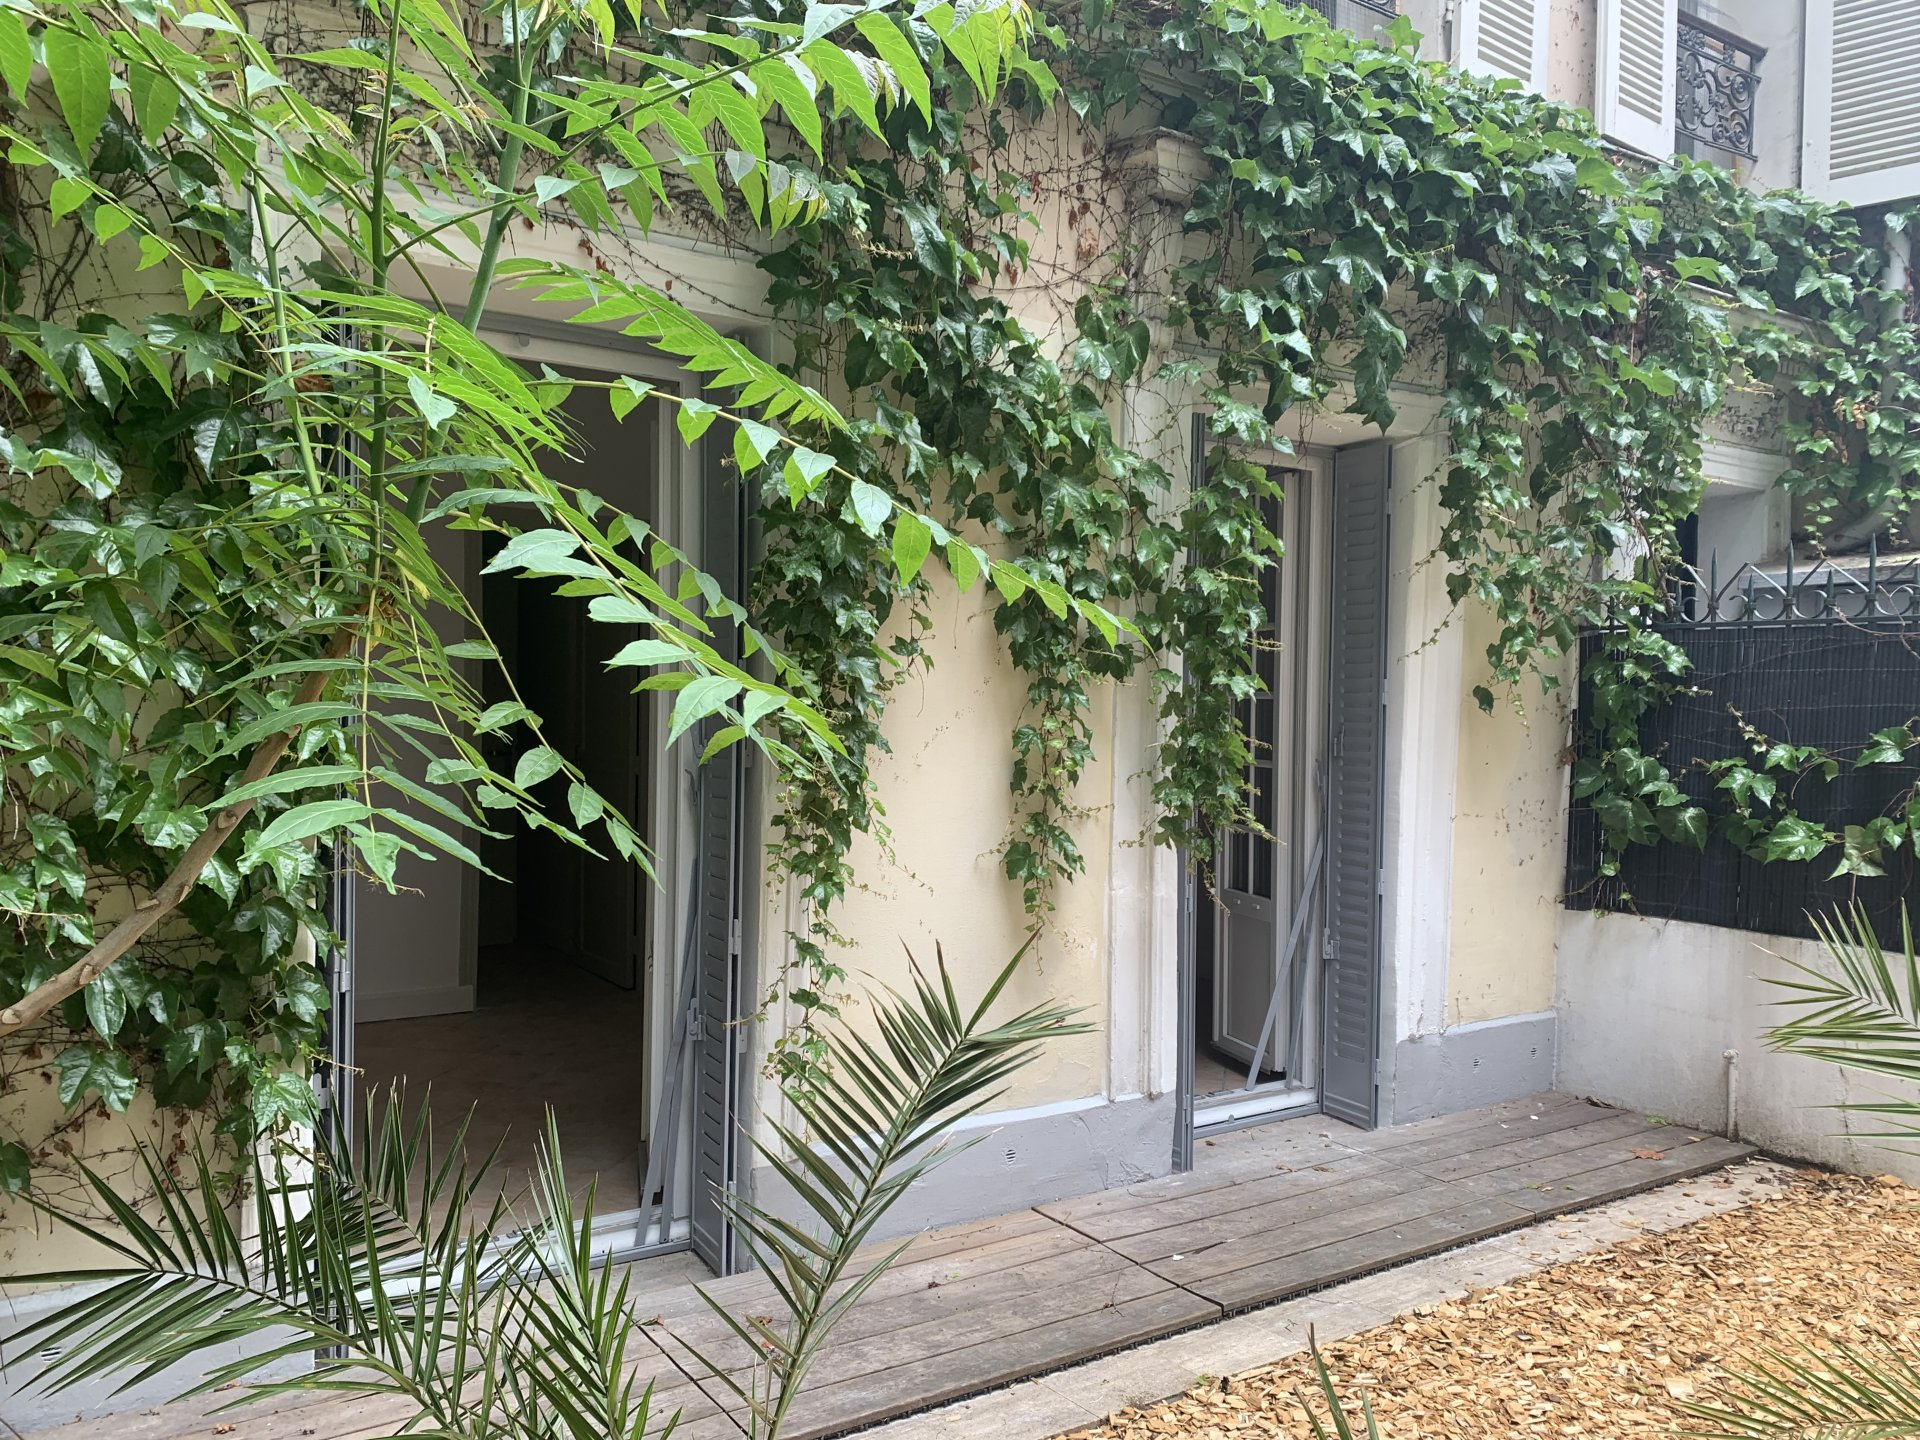 Paris - XVIII ème - MONTMARTRE  - VILLAGE RAMEY - COMME UNE PETITE MAISON - 2 PIÈCES - TRAVERSANT - TERRASSE - JARDIN - SOLEIL - CADRE VERDOYANT - CALME - REFAIT À NEUF.